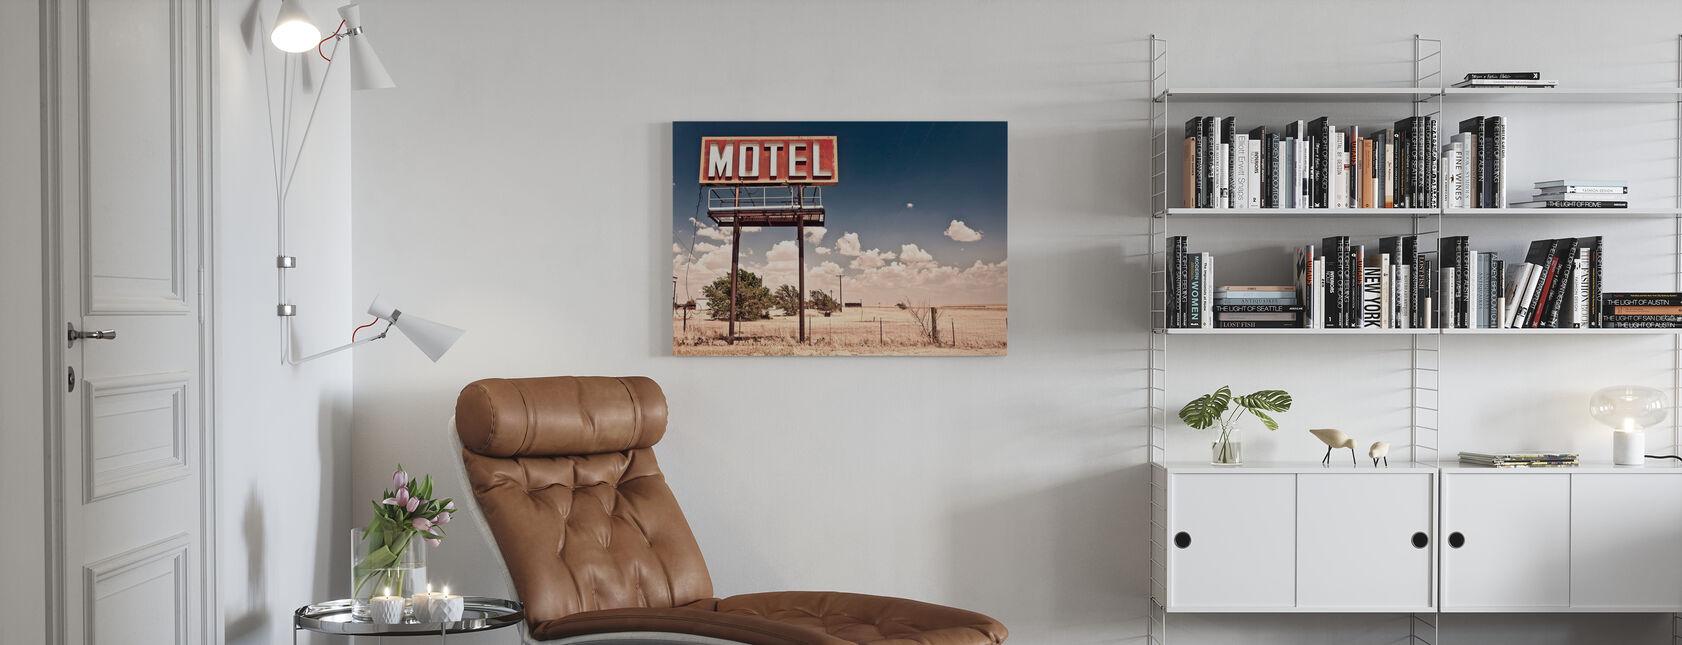 Old Motel aanmelden op Route 66 - Canvas print - Woonkamer